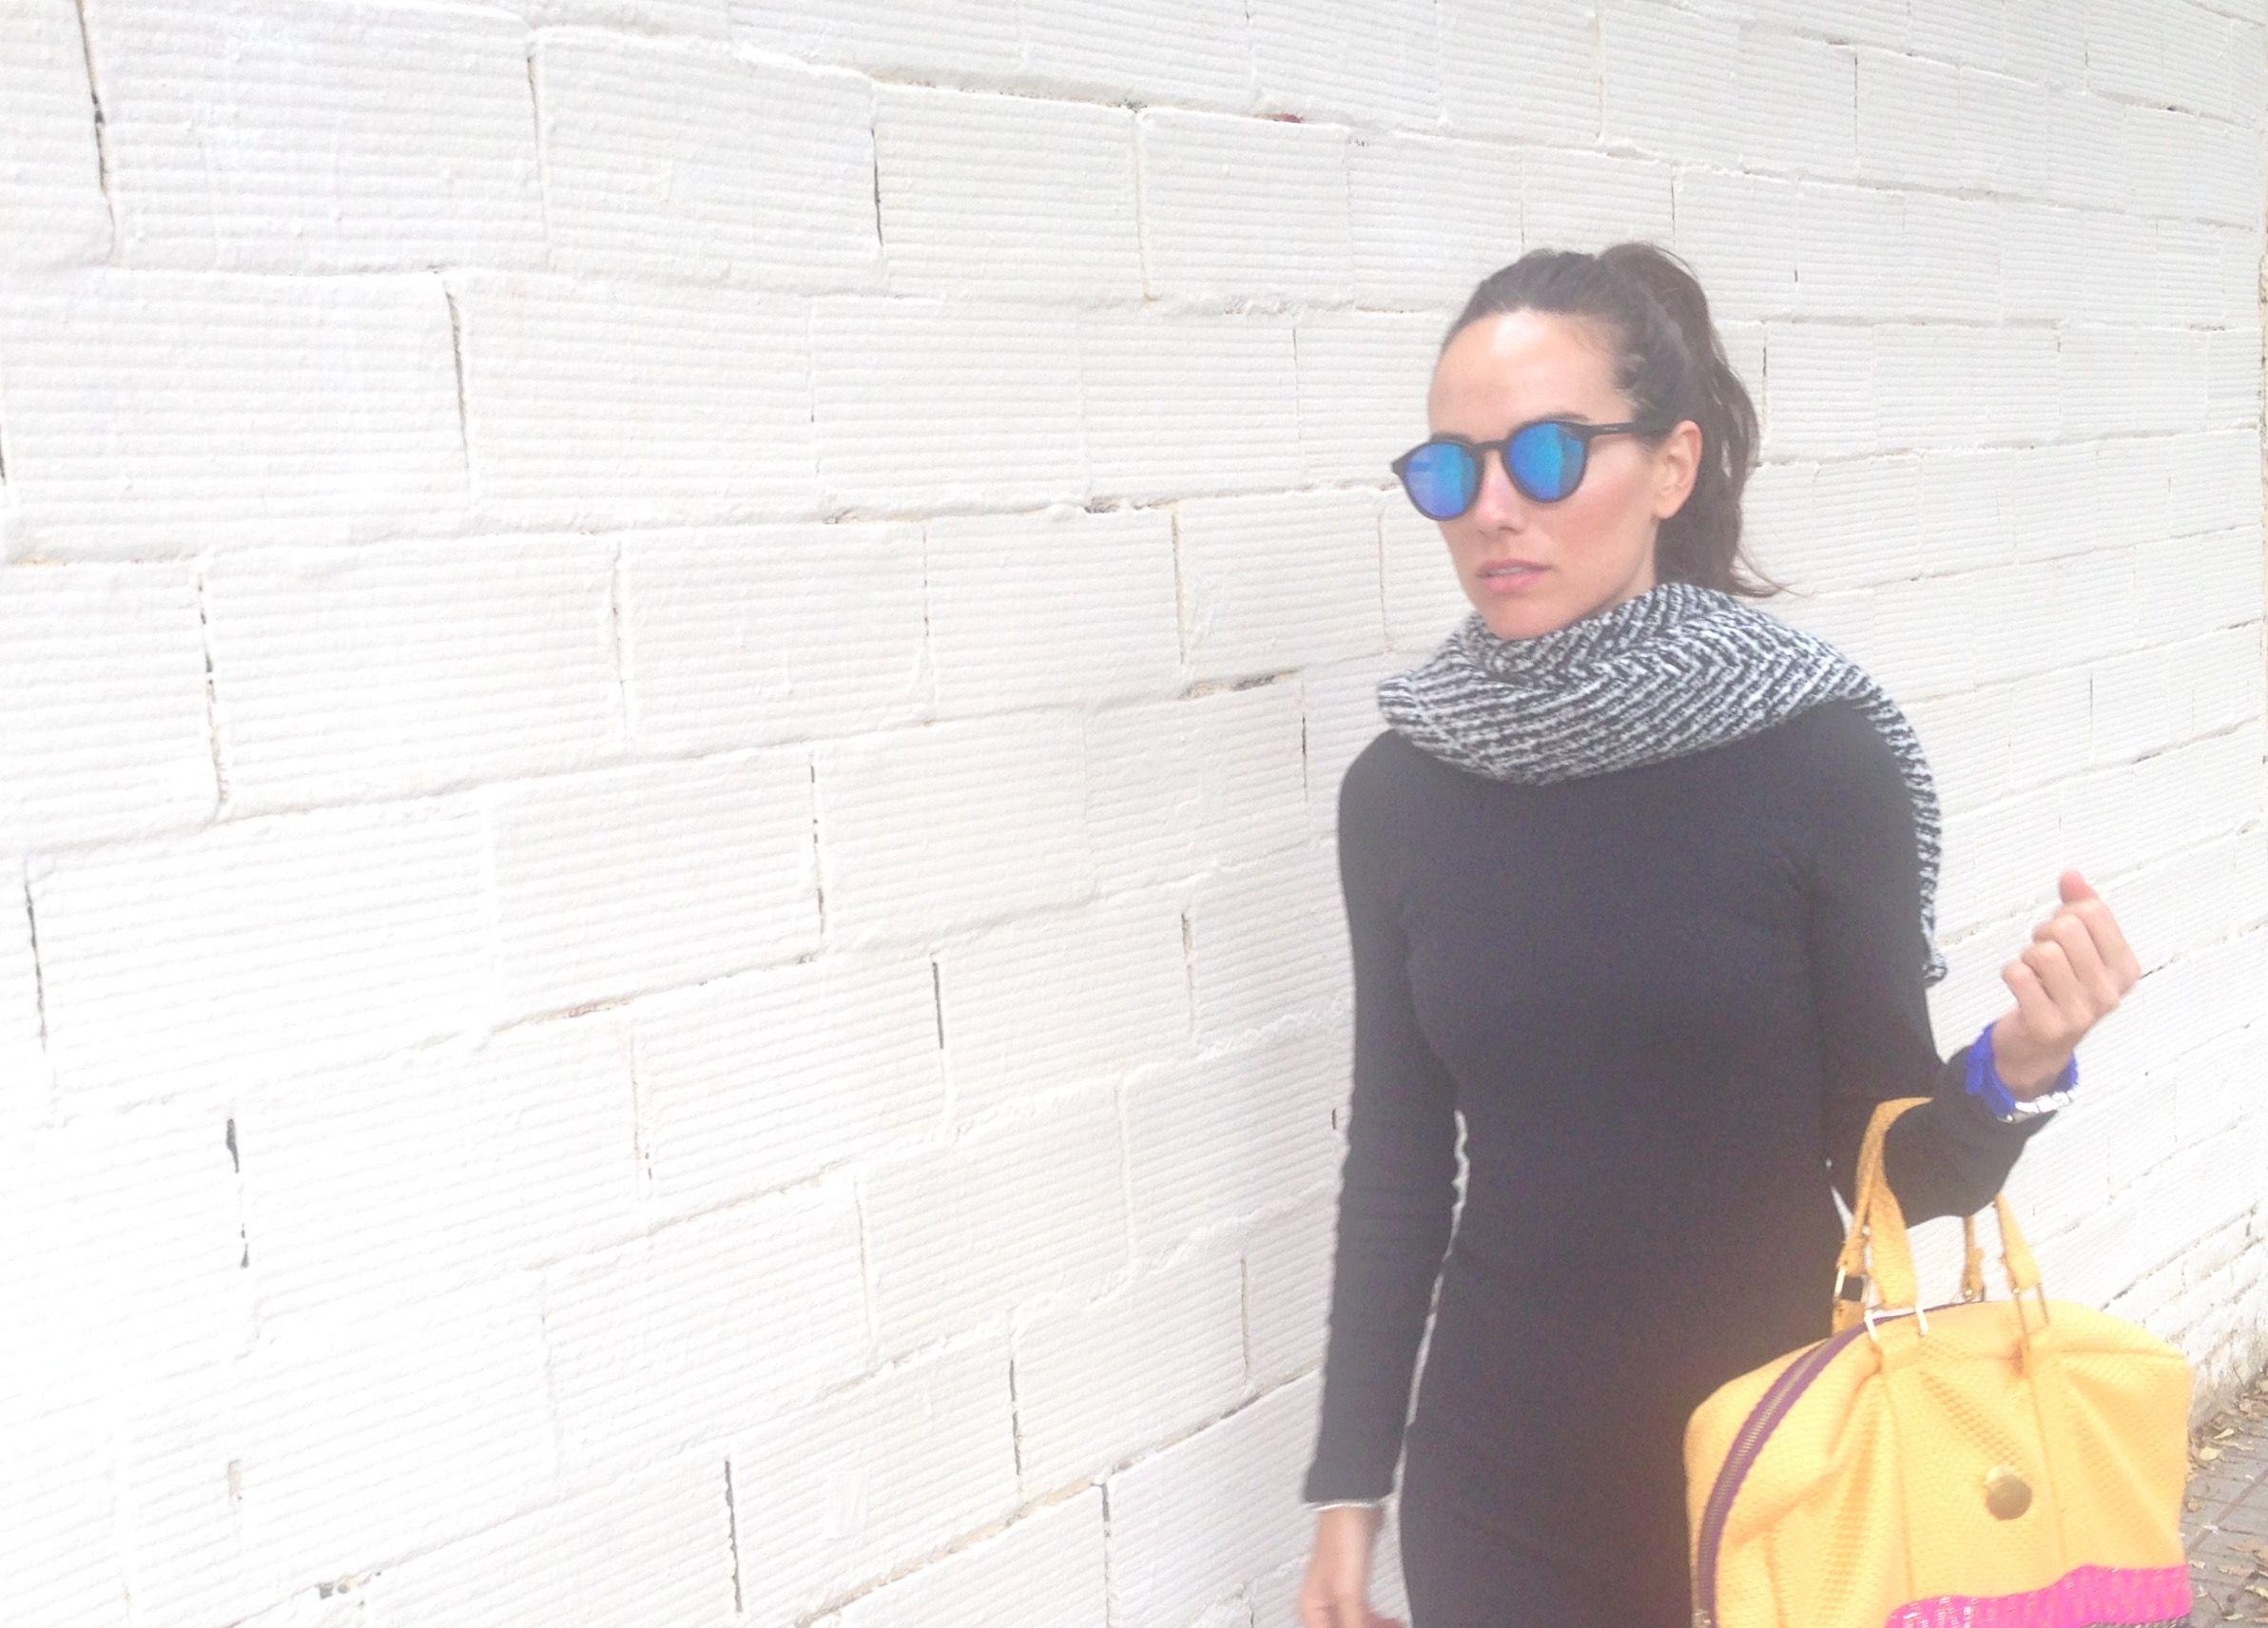 Hardwork  BCN 💥💥💥 preparando colecciones 🕵🏻♀️🙊@carinavalentina #proyectoscarinavalentina #firmadebolsos #bandoleras #bolsodemano #bolsosdelujo #carterademano #clutch #bohochic #barrisalamanca #newcolletion #luxury #lujo #elegant #mujer #style #bolsosartesanos #artesania #diseñadoradebolsos #diseñadora #diseñadoravalenciana #modafemenina #tienda #ifema #carinavalentina